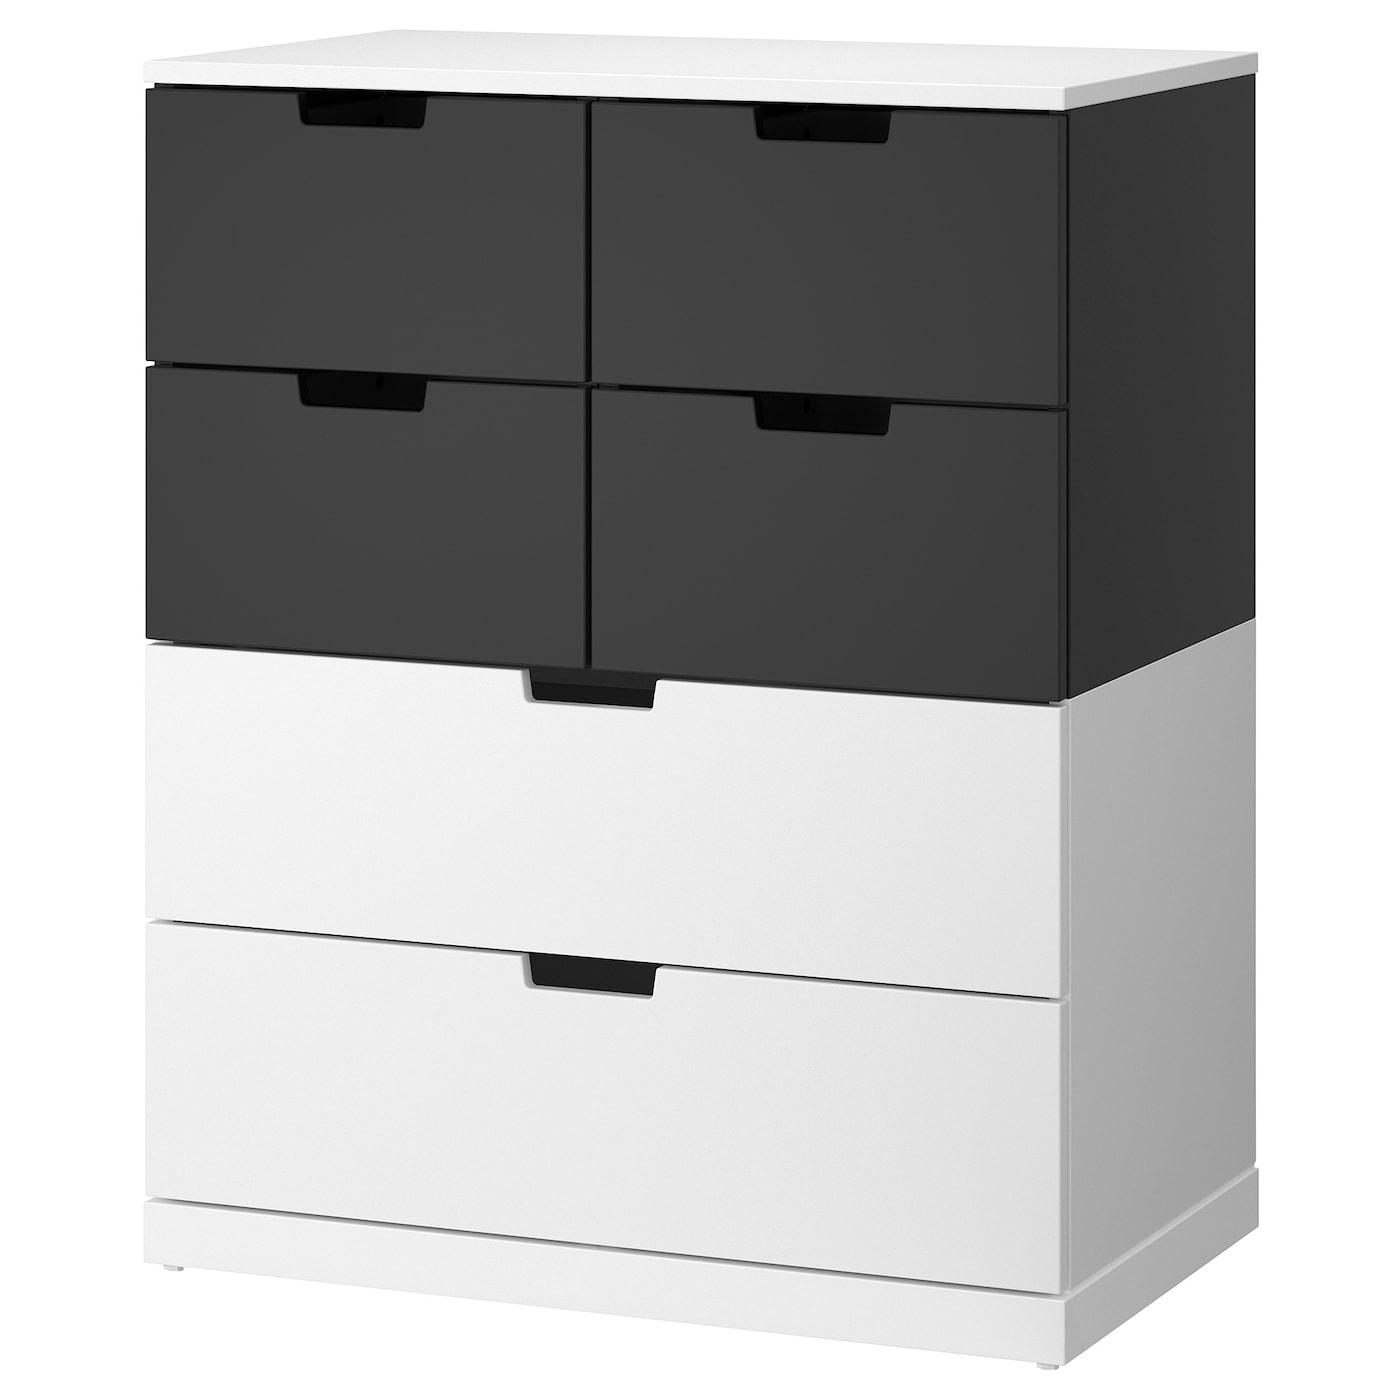 NORDLI Kommode mit 6 Schubladen - weiß, anthrazit - IKEA